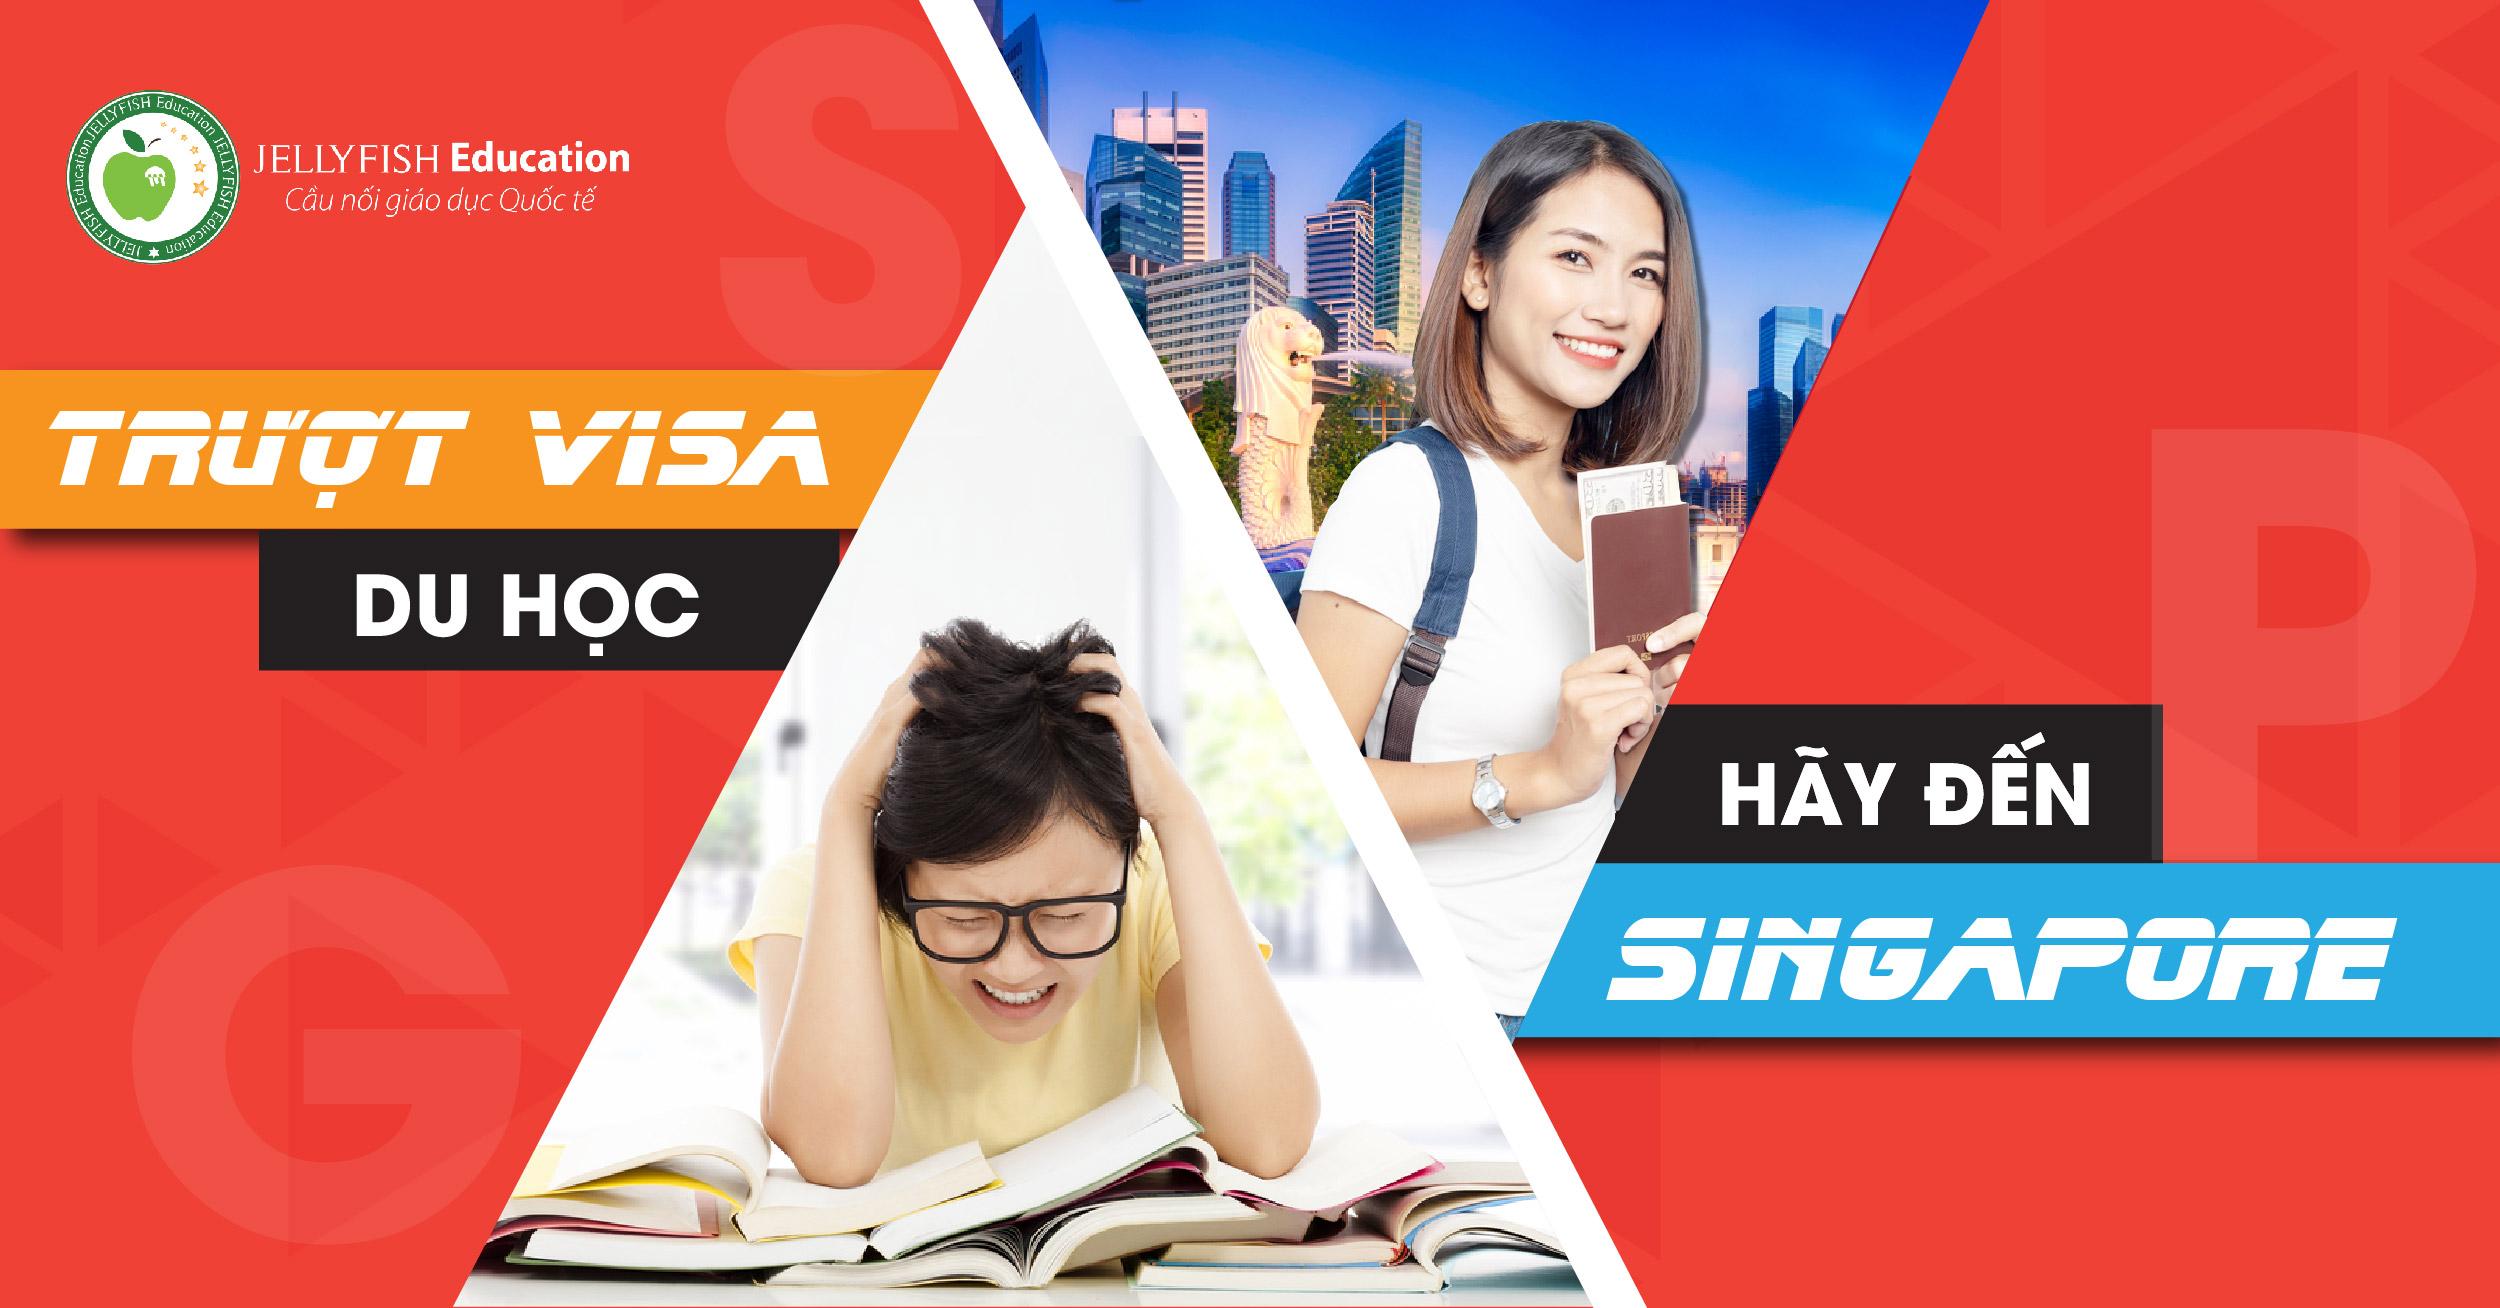 Trượt visa du học, hãy đến Singapore